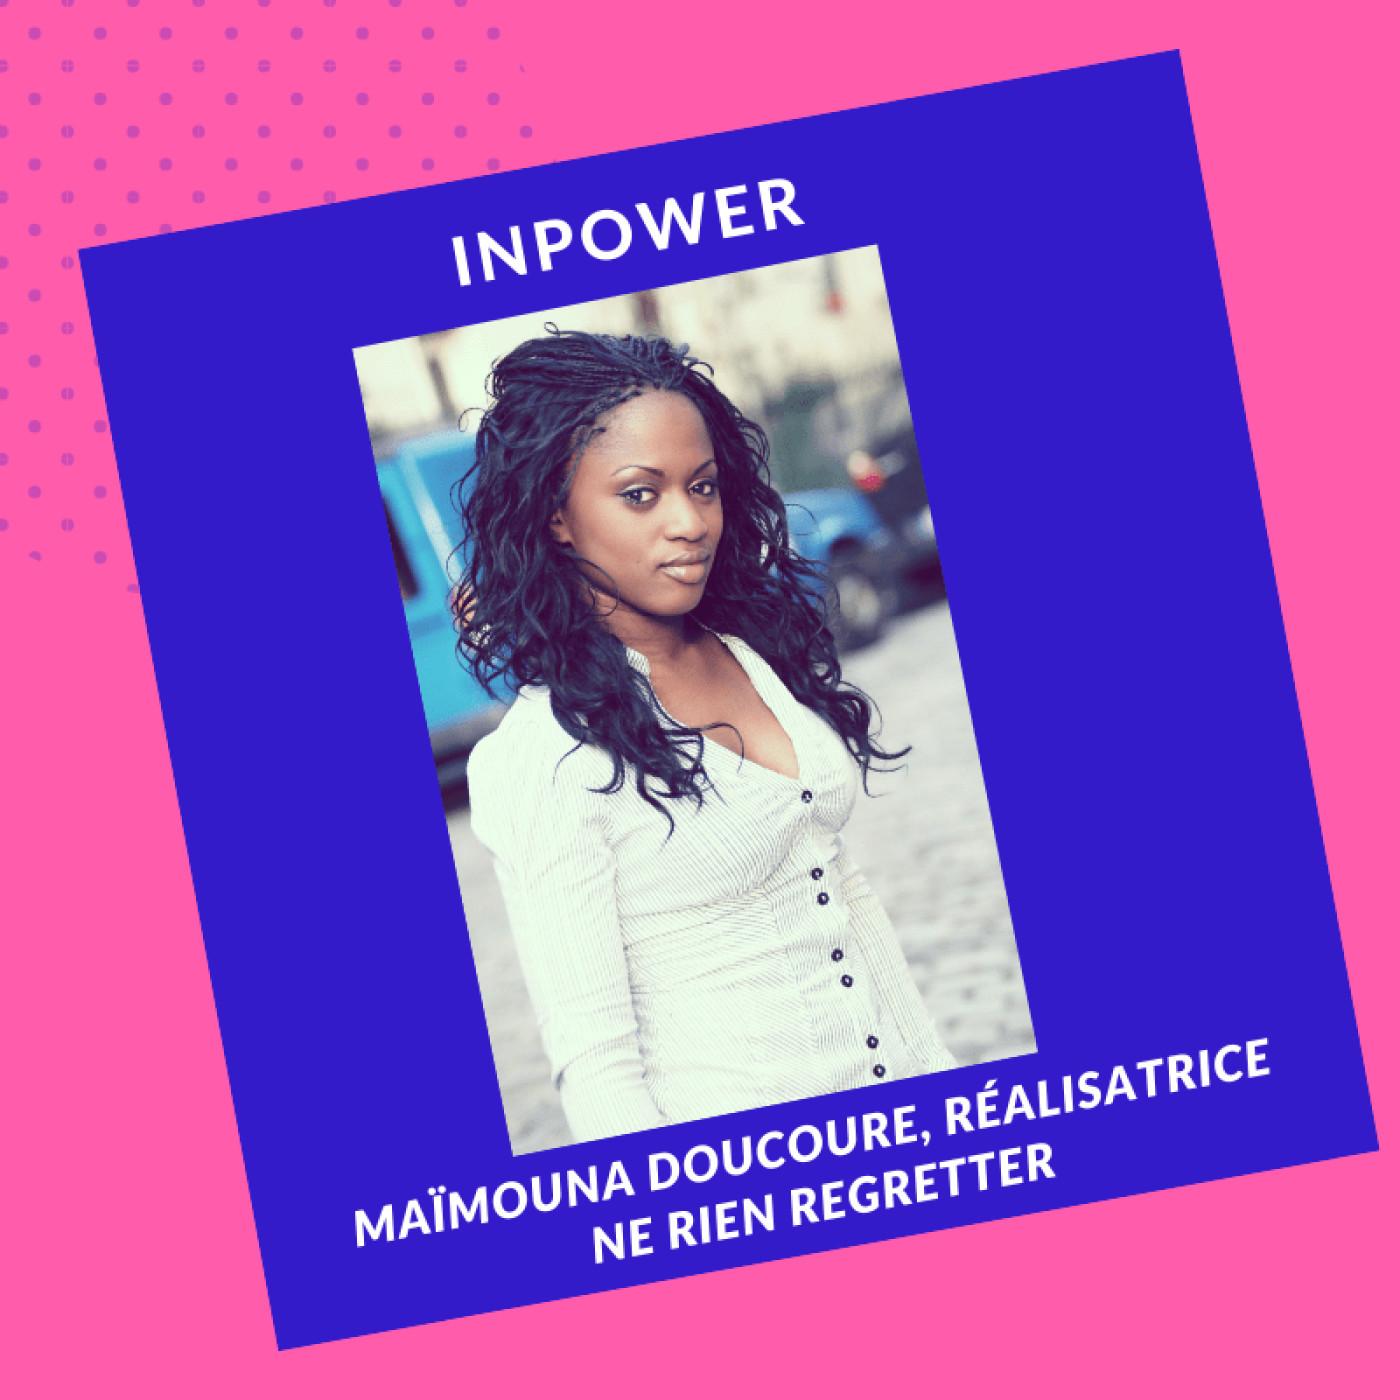 Maïmouna Doucouré, Scénariste et Réalisatrice - Ne rien regret